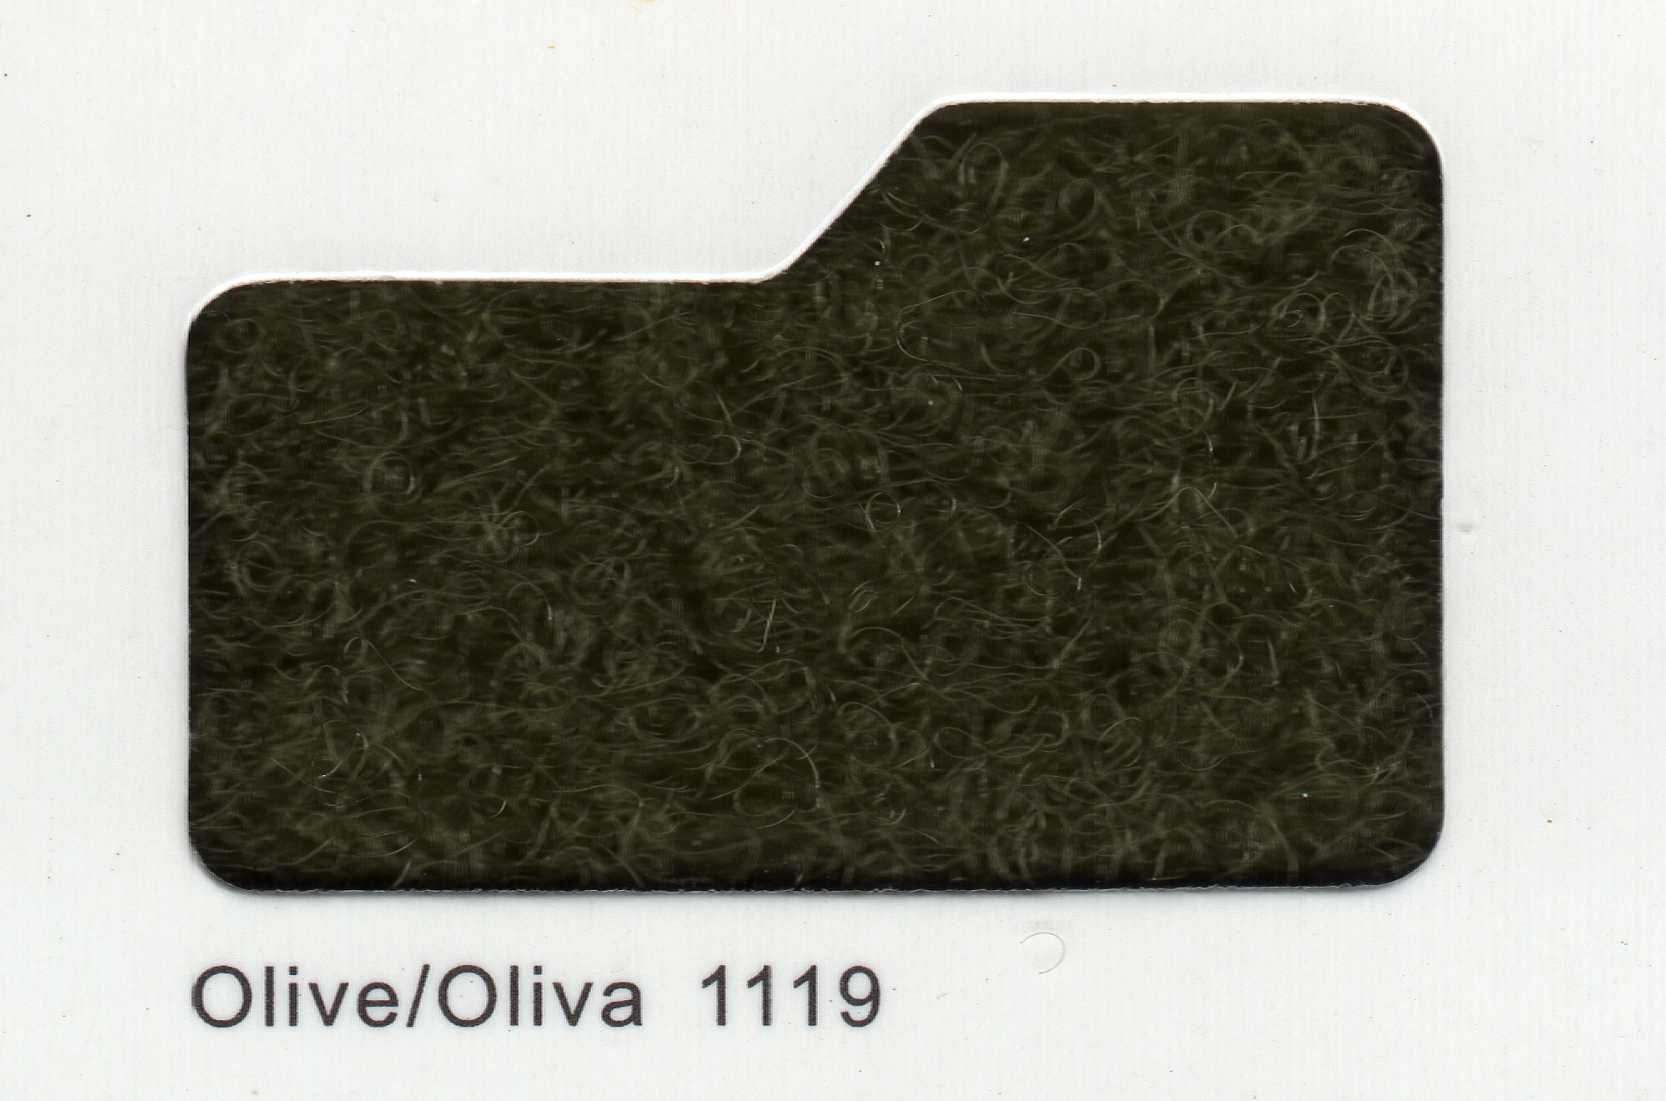 Cinta de cierre Velcro-Veraco 30mm Oliva 1119 (Rizo).